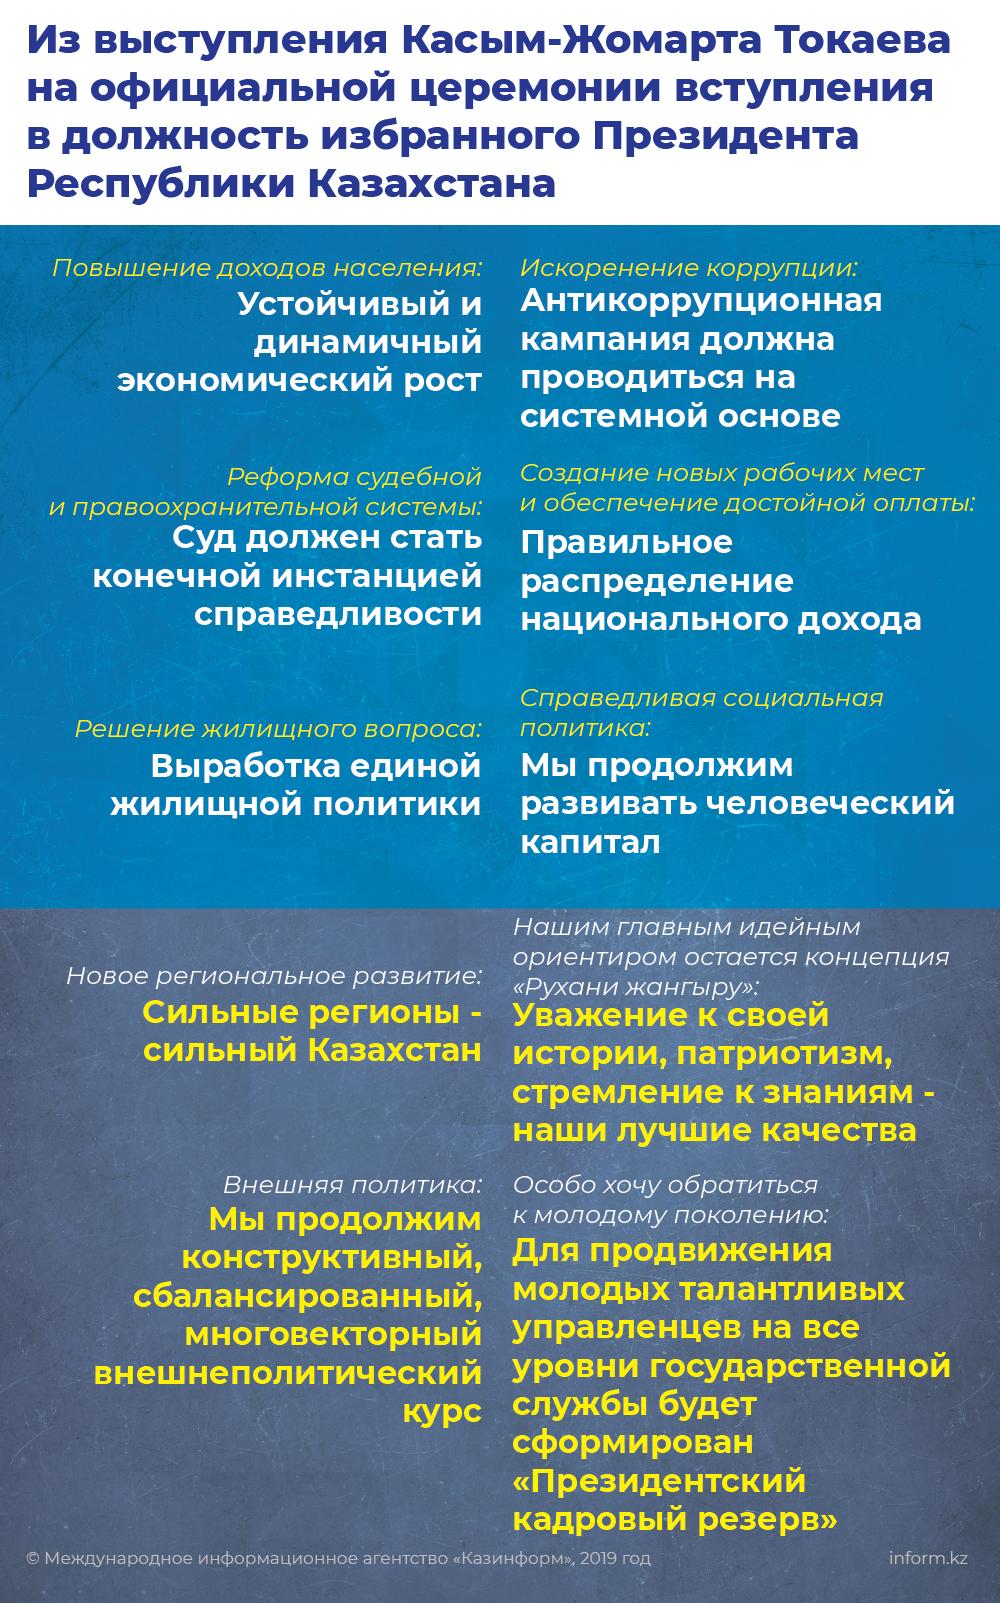 Из выступления Касым-Жомарта Токаева на официальной церемонии вступления в должность избранного Президента Республики Казахстана